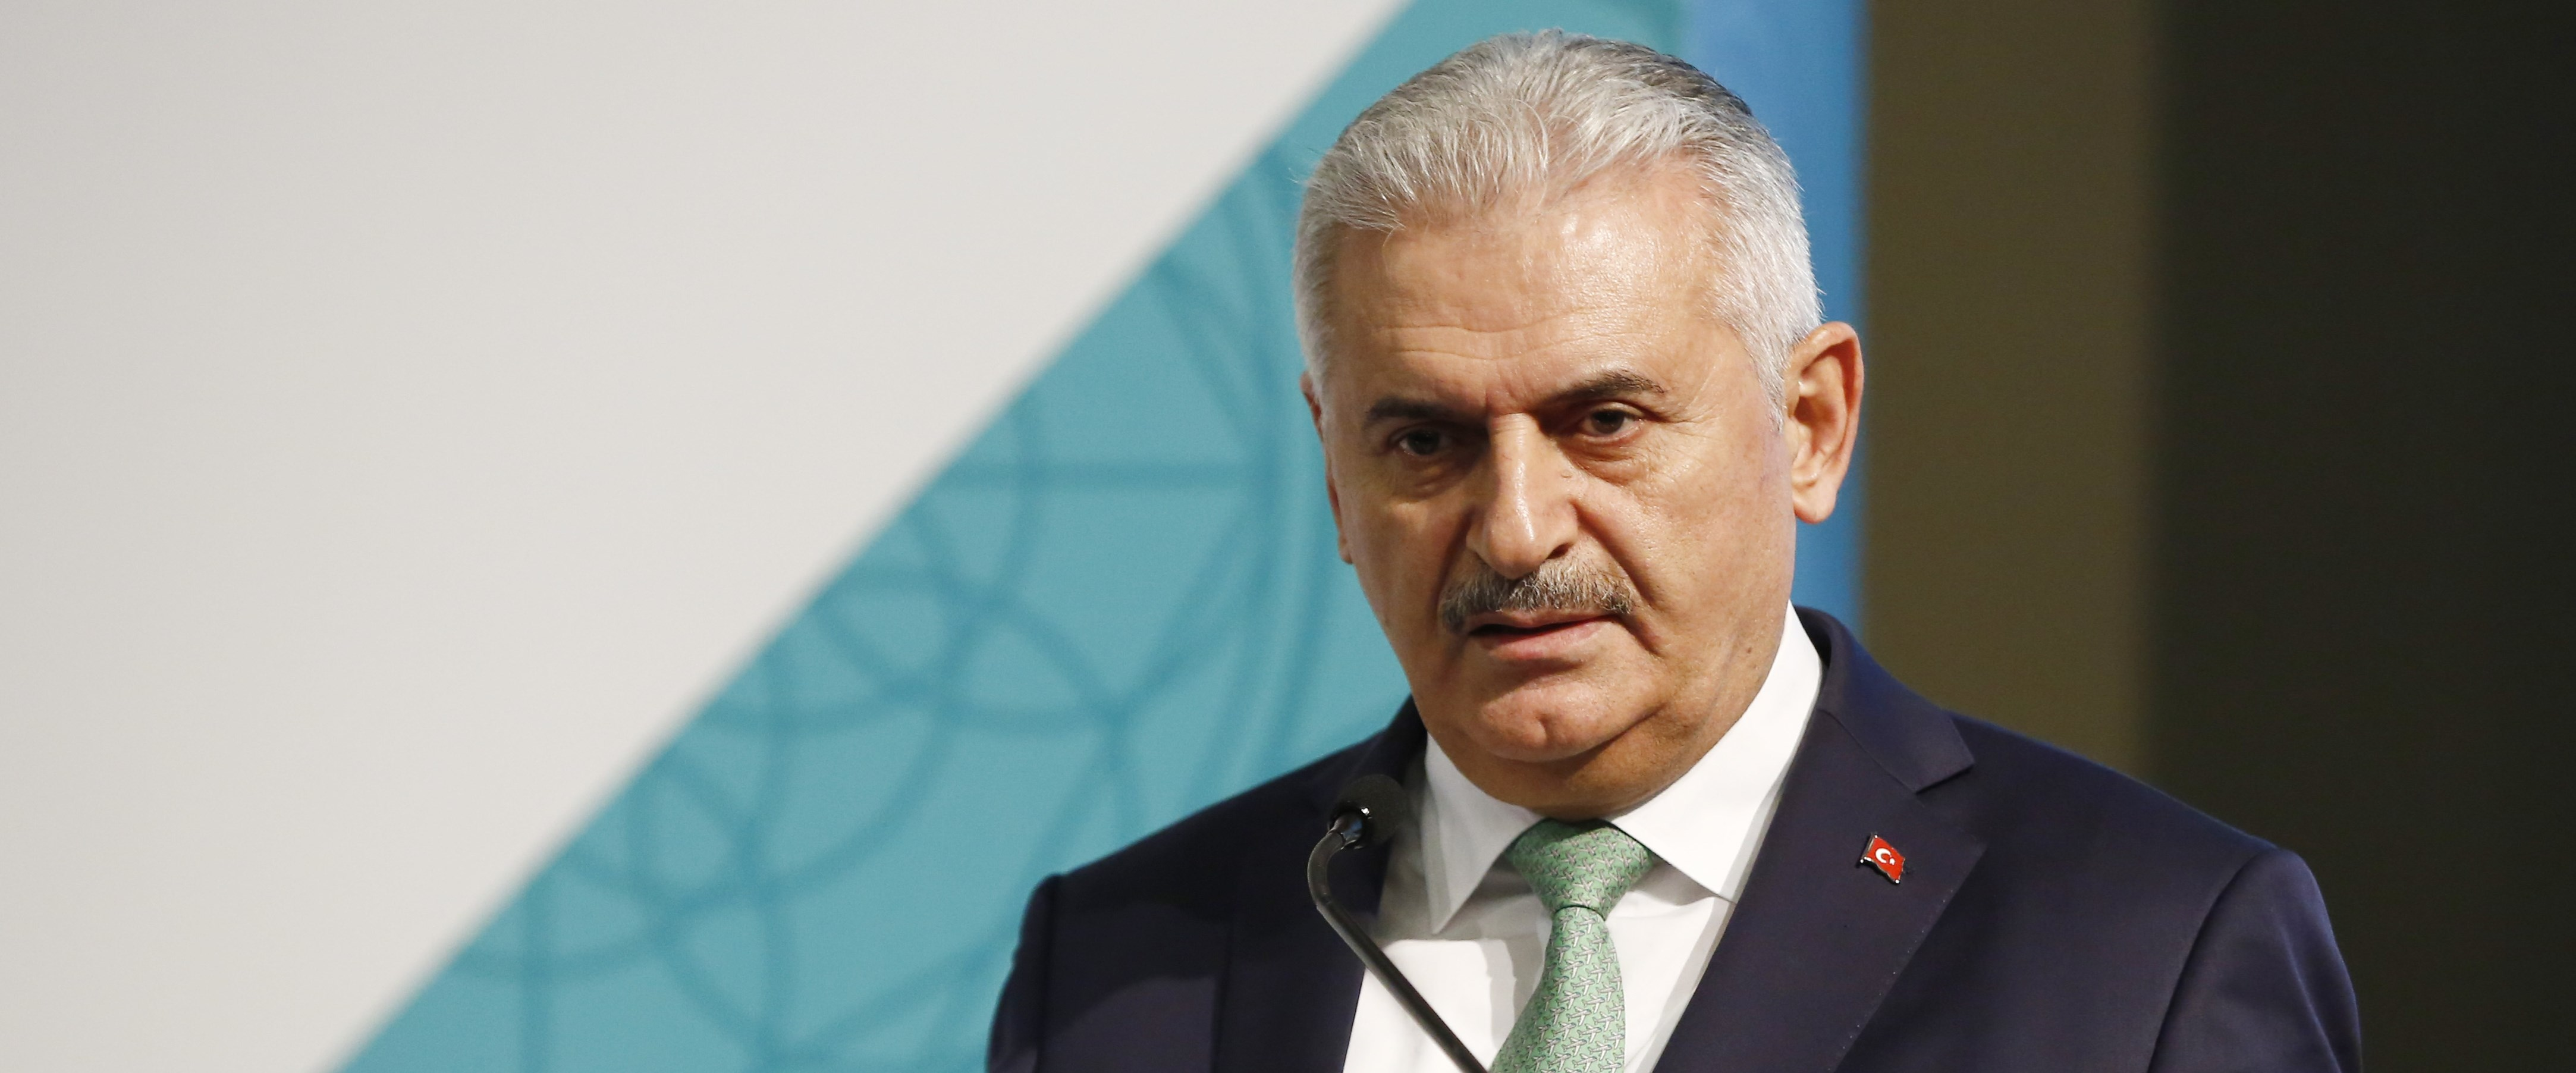 Başbakan Binali Yıldırım saldırıyı yapan örgütü açıkladı